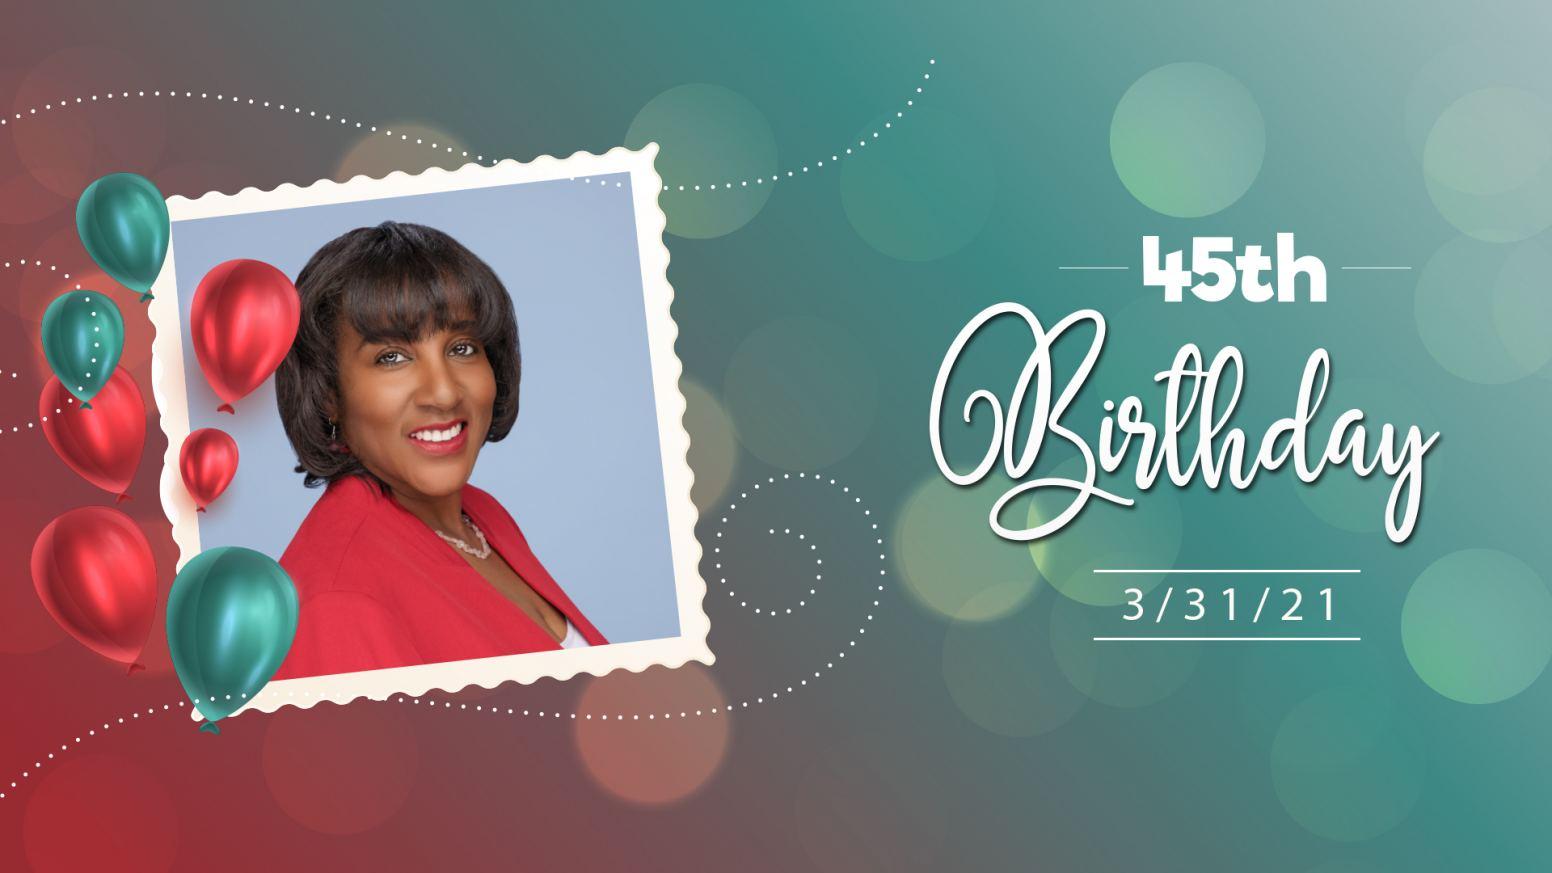 Sharifah Hardie's 45th Birthday Celebration